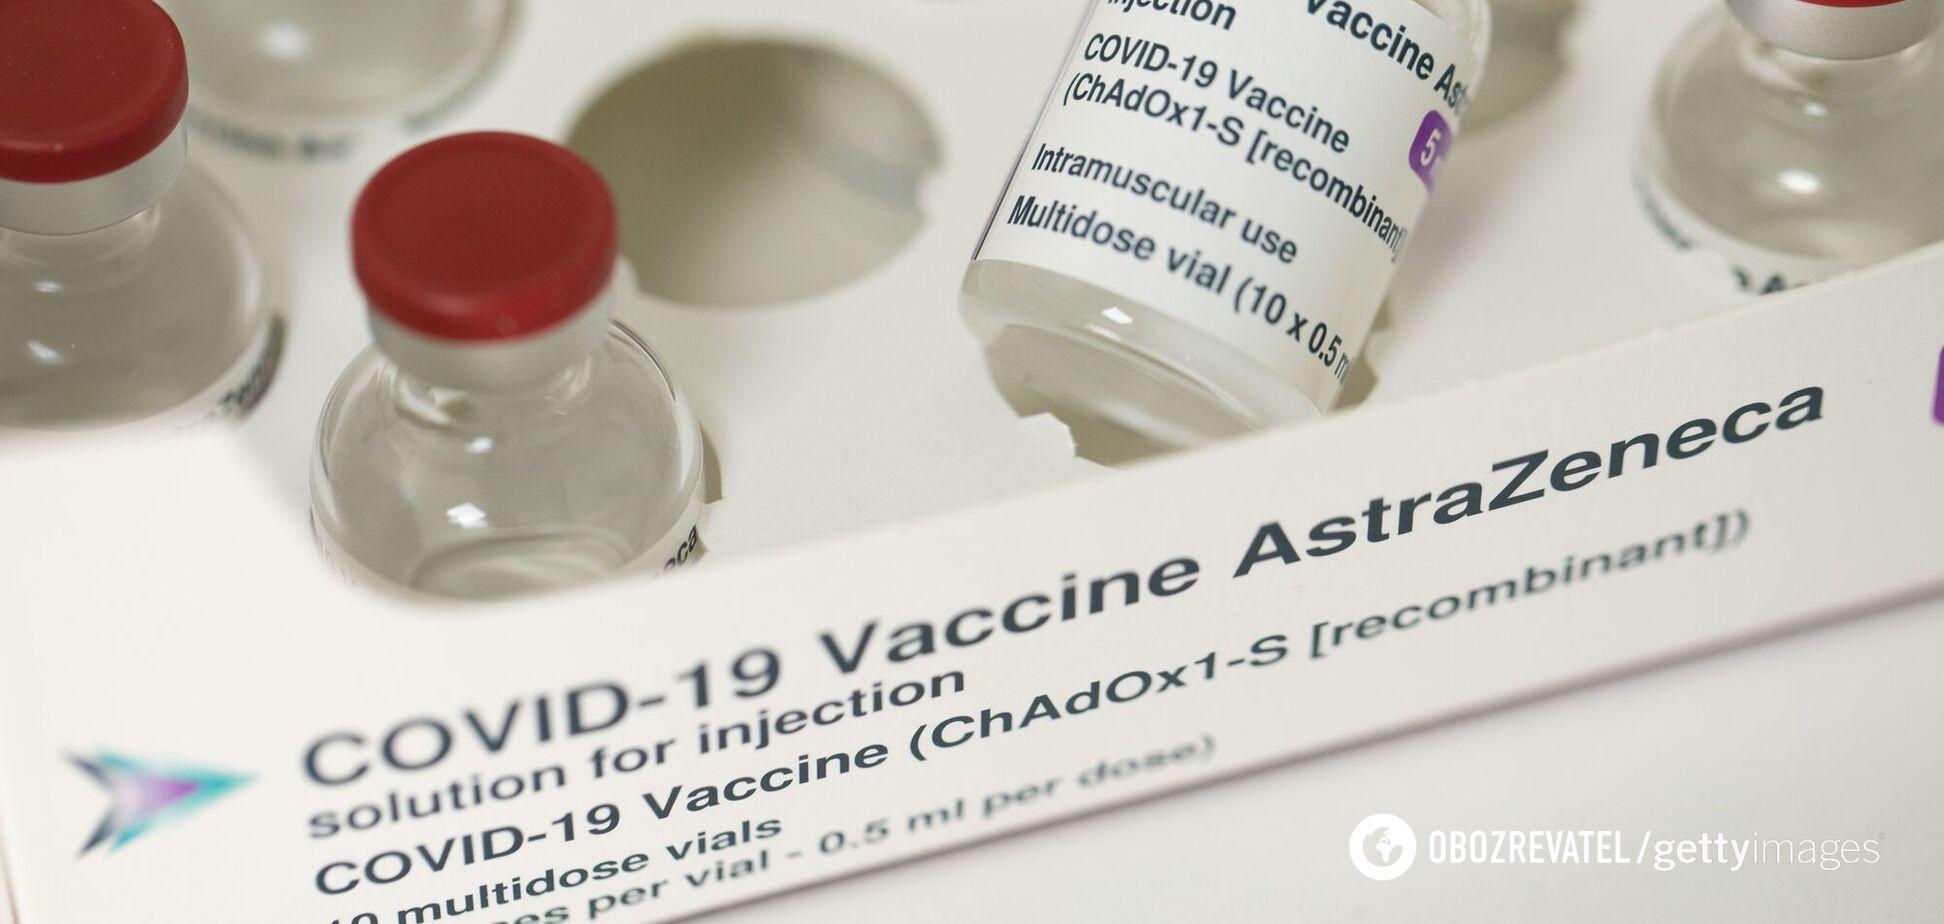 ВООЗ і медики закликали вакцинуватися AstraZeneca, незважаючи на побоювання